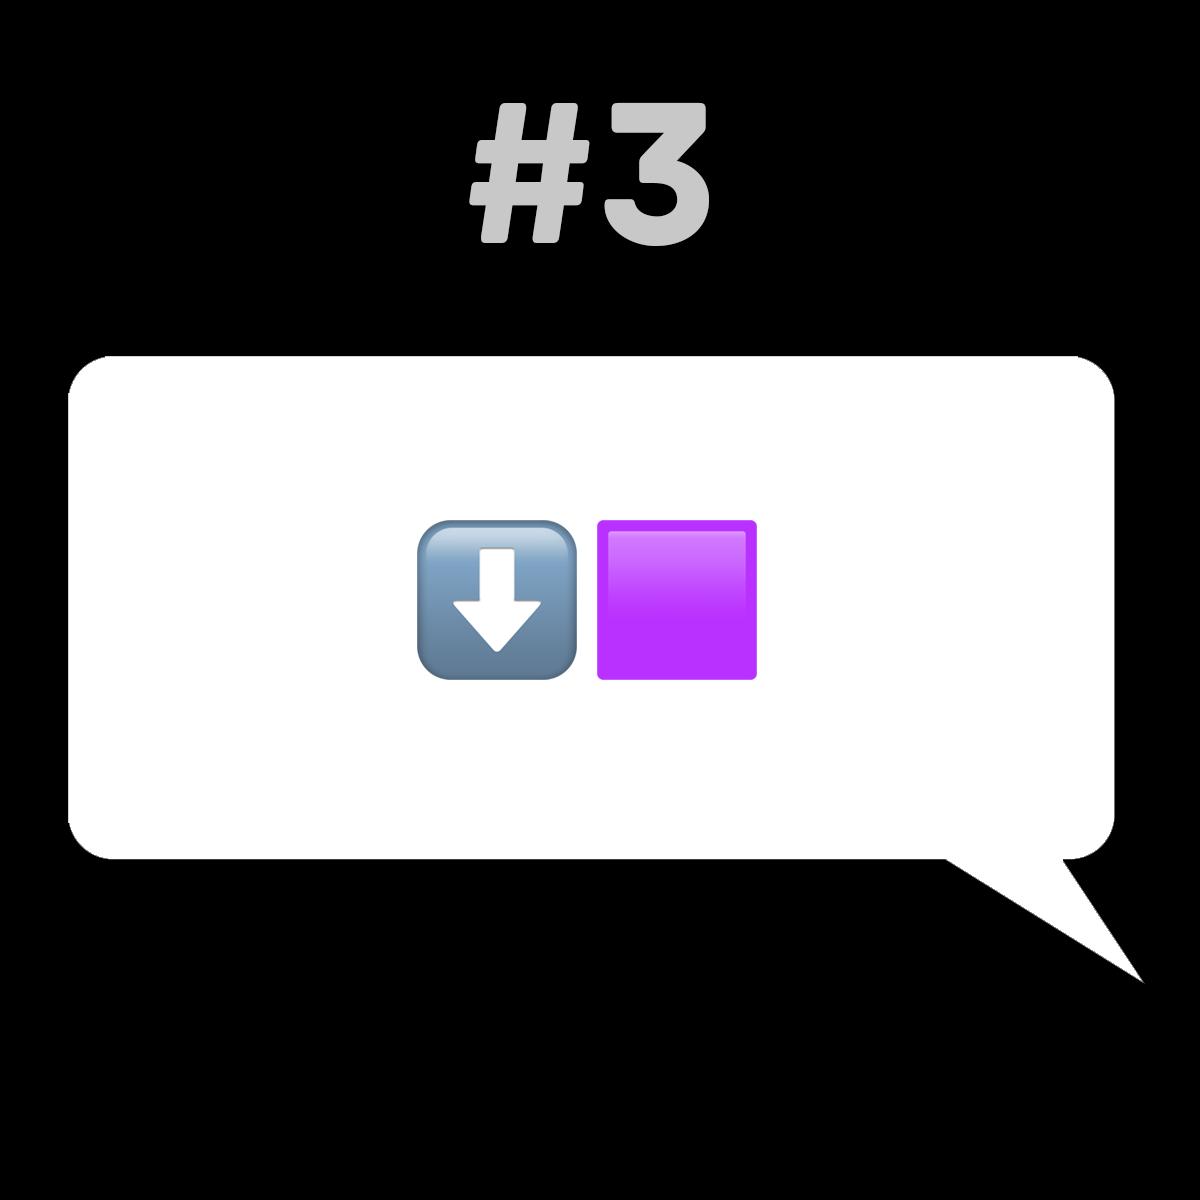 Musik-Acts in Emojis emojibands_03